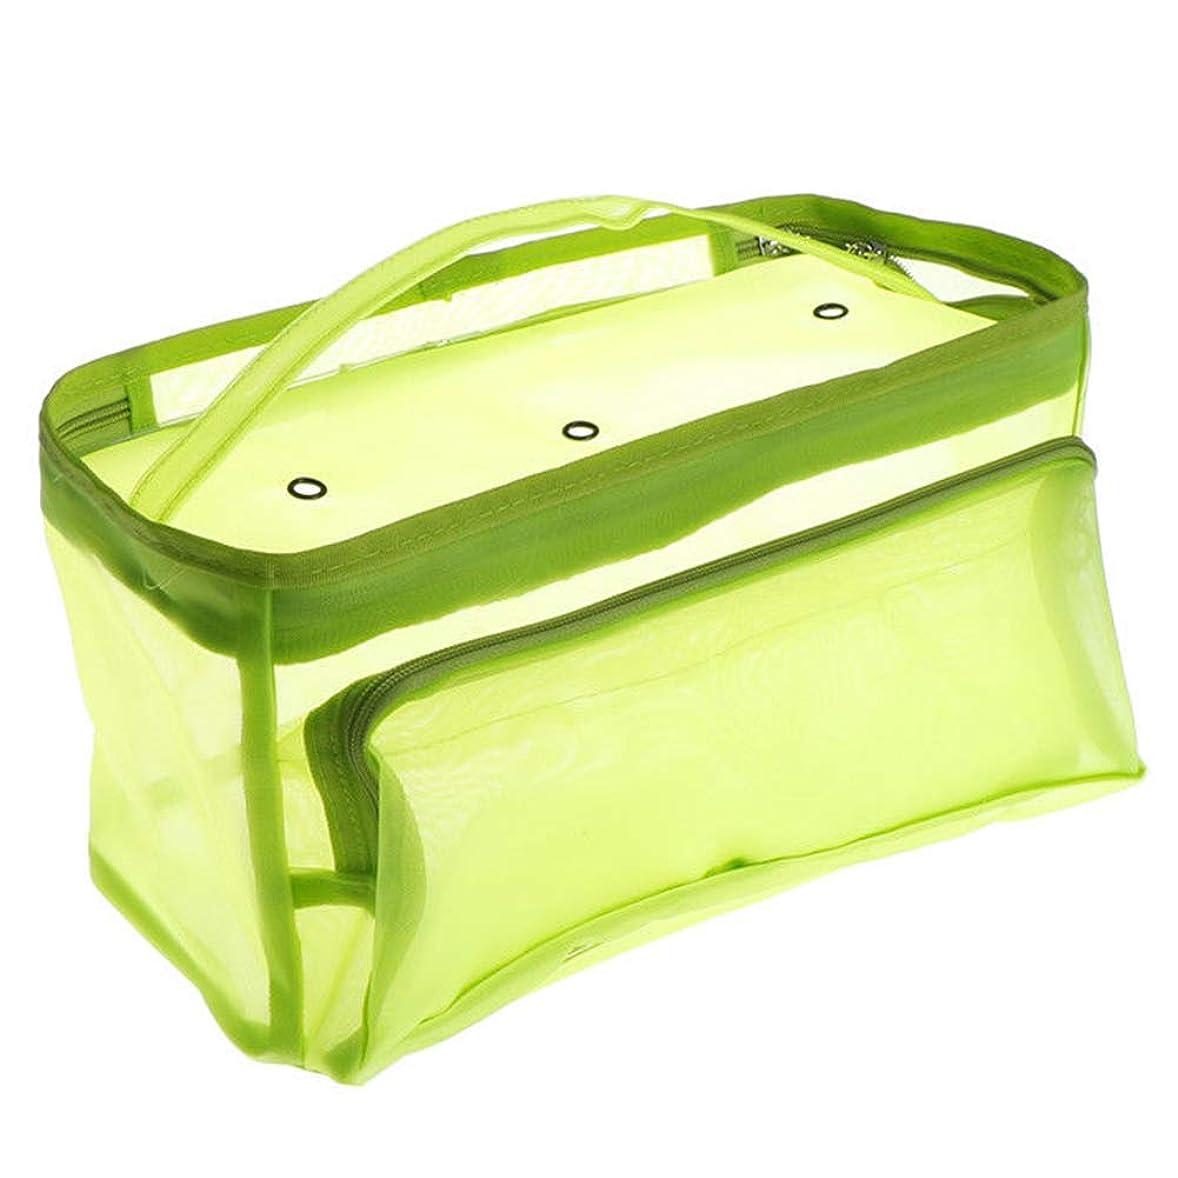 取得する宿る原油収納ケースタンカーケース糸クリアトートかぎ針編みフックコンテナミシンバッグニットバッグオーガナイザー針ホルダー(グリーン)